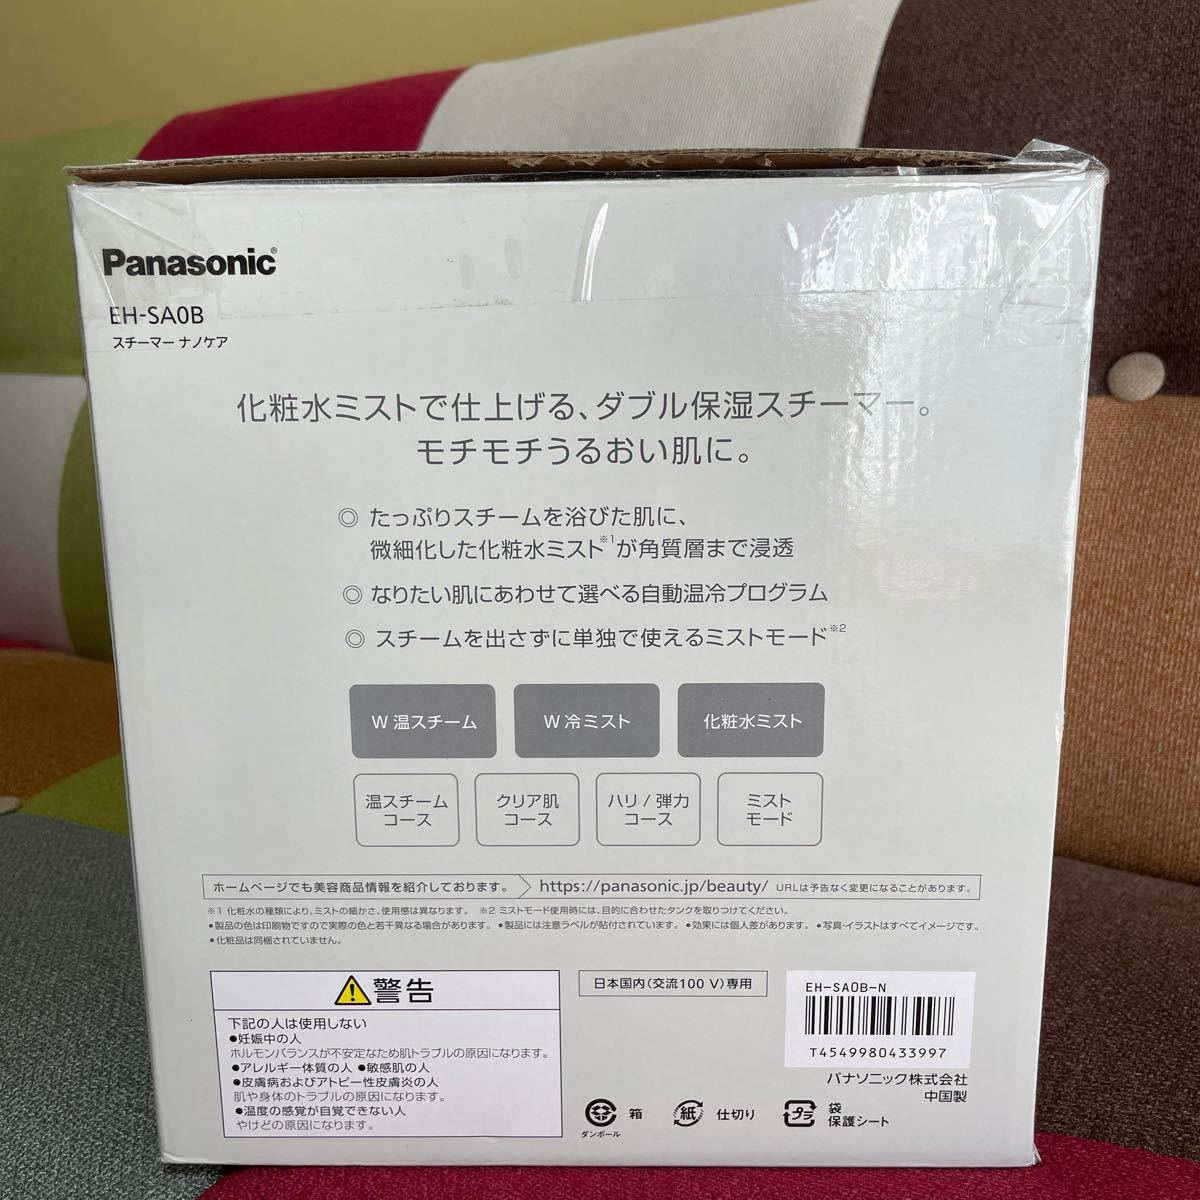 Panasonic スチーマー ナノケア EH-SA0B-N (温冷、化粧水ミストタイプ)※開封済み、未使用